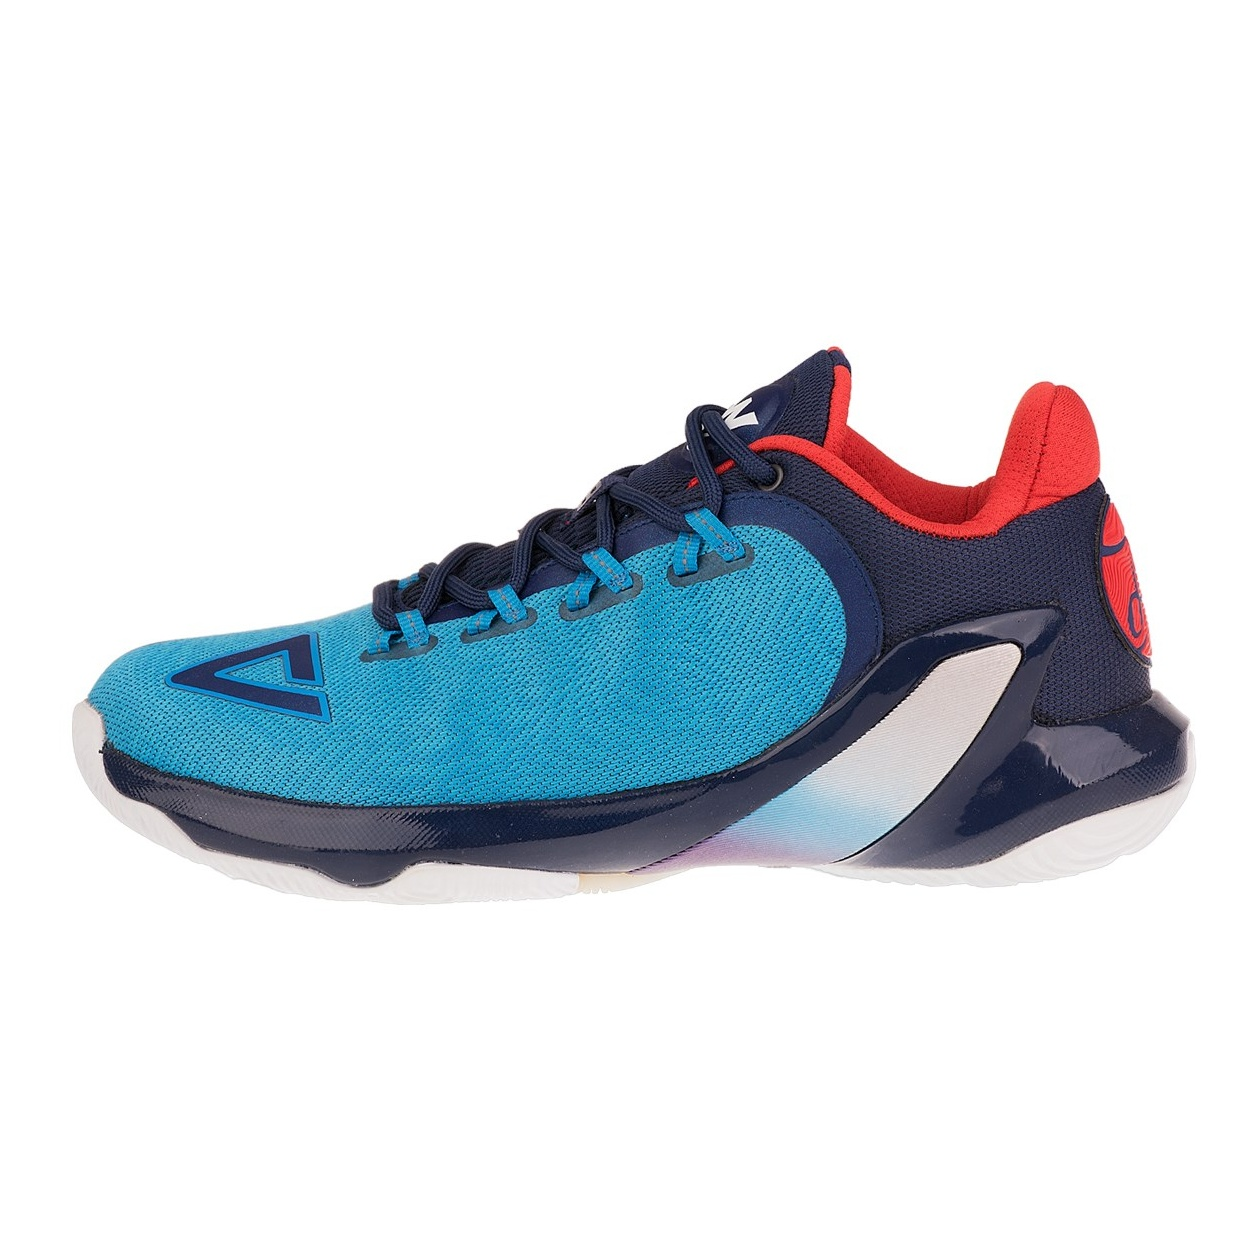 کفش بسکتبال مردانه پیک مدل E73323A 2 Tony Parker